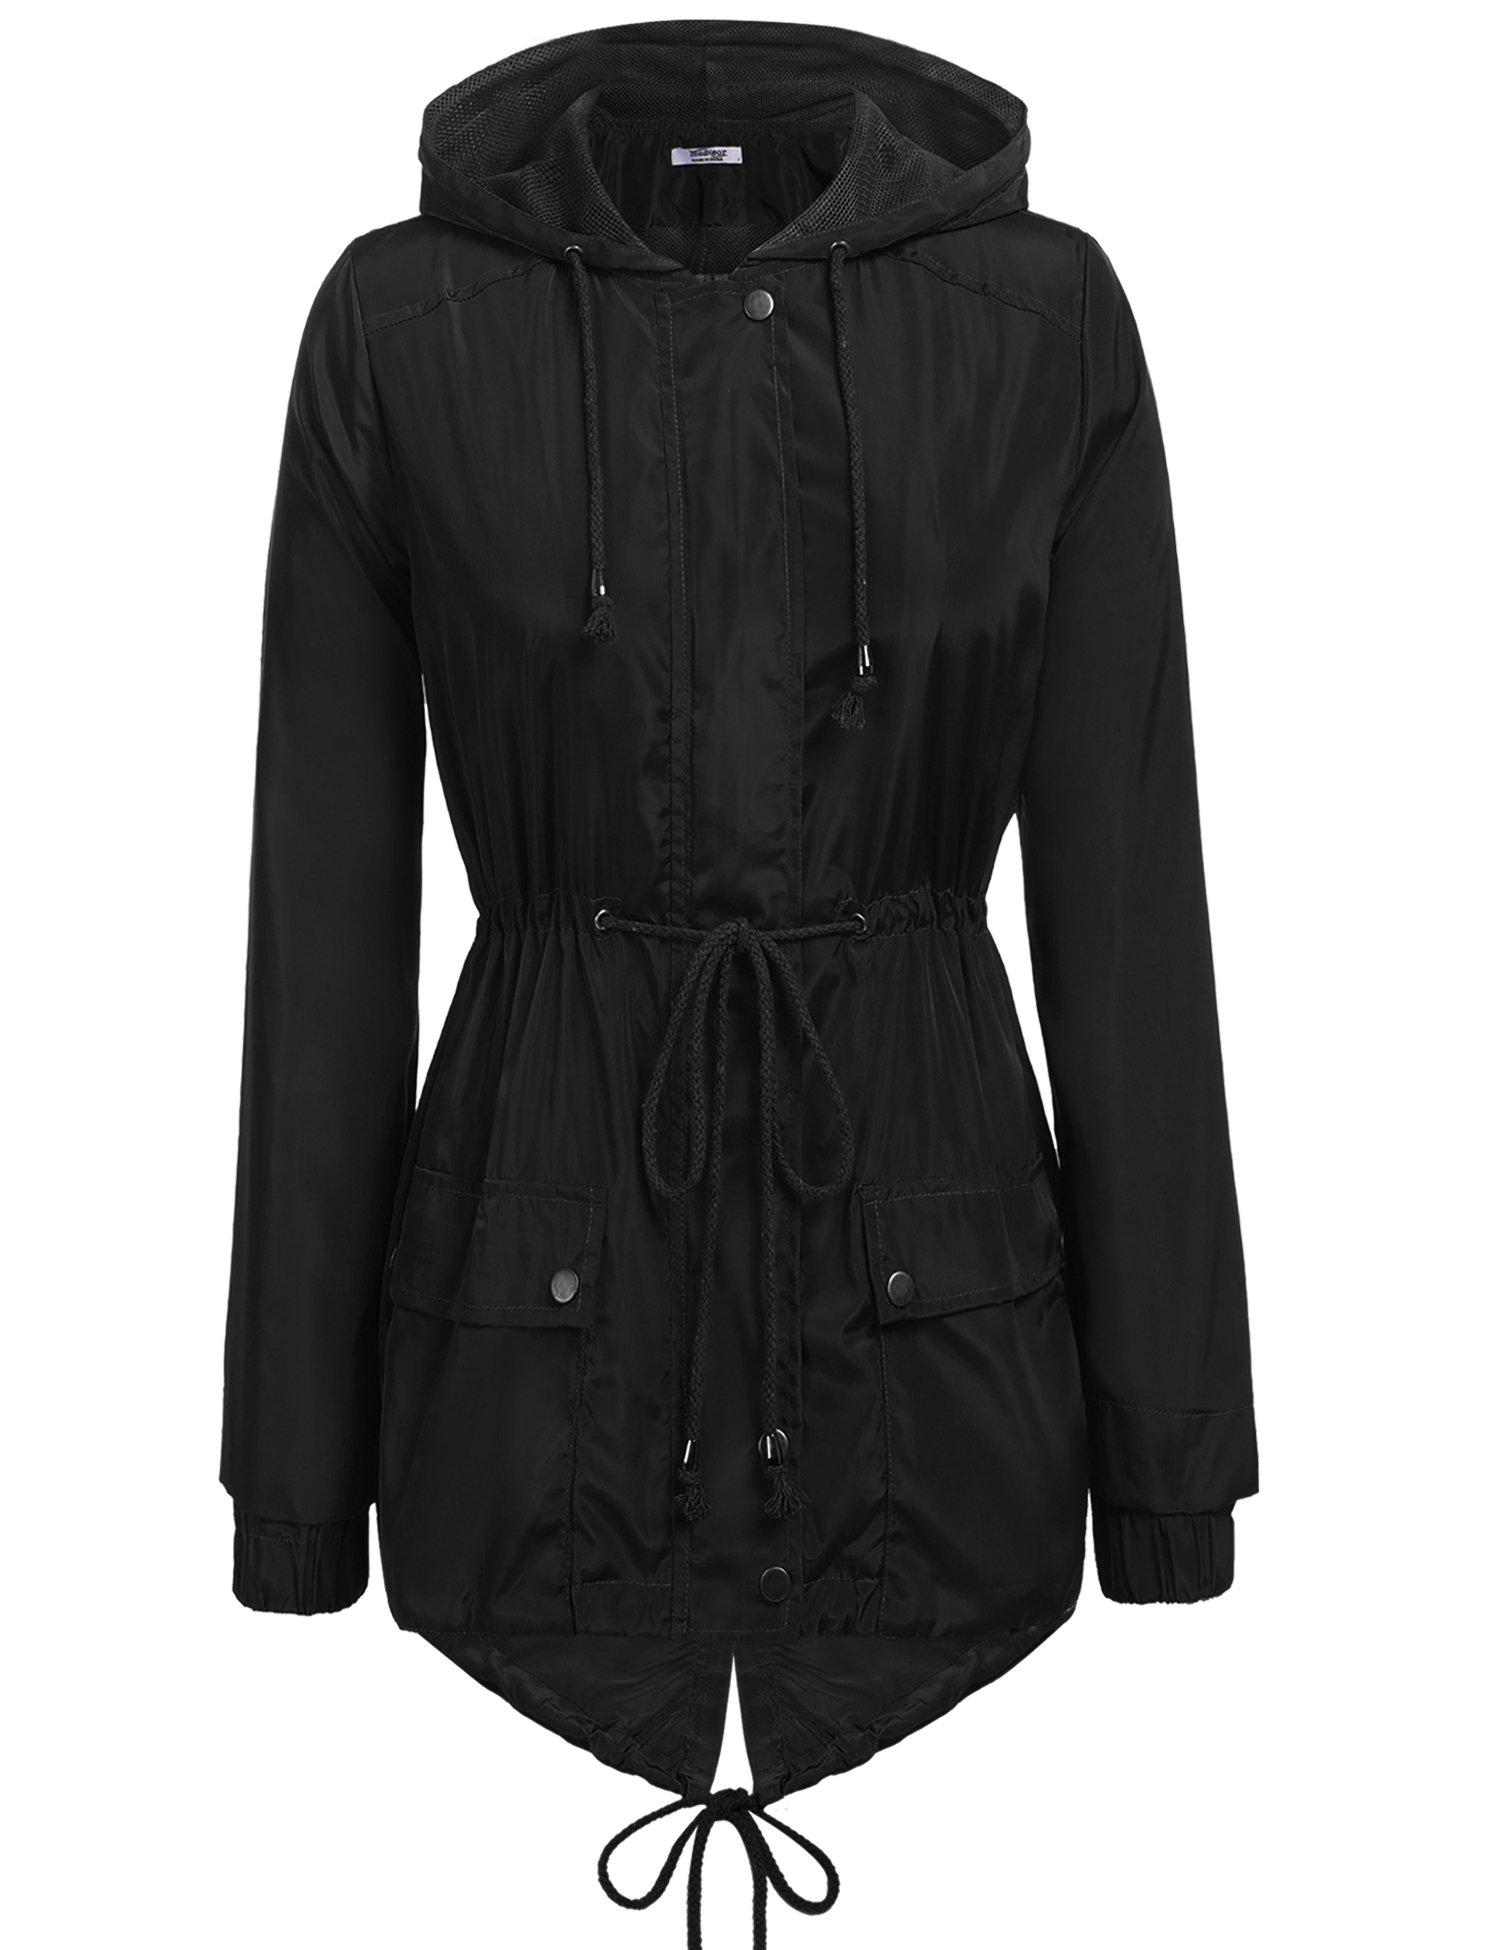 Zeagoo Women's Travel Trench Waterproof Raincoat Hoodie Windproof Hiking Coat Packable Rain Jacket Black/XXL